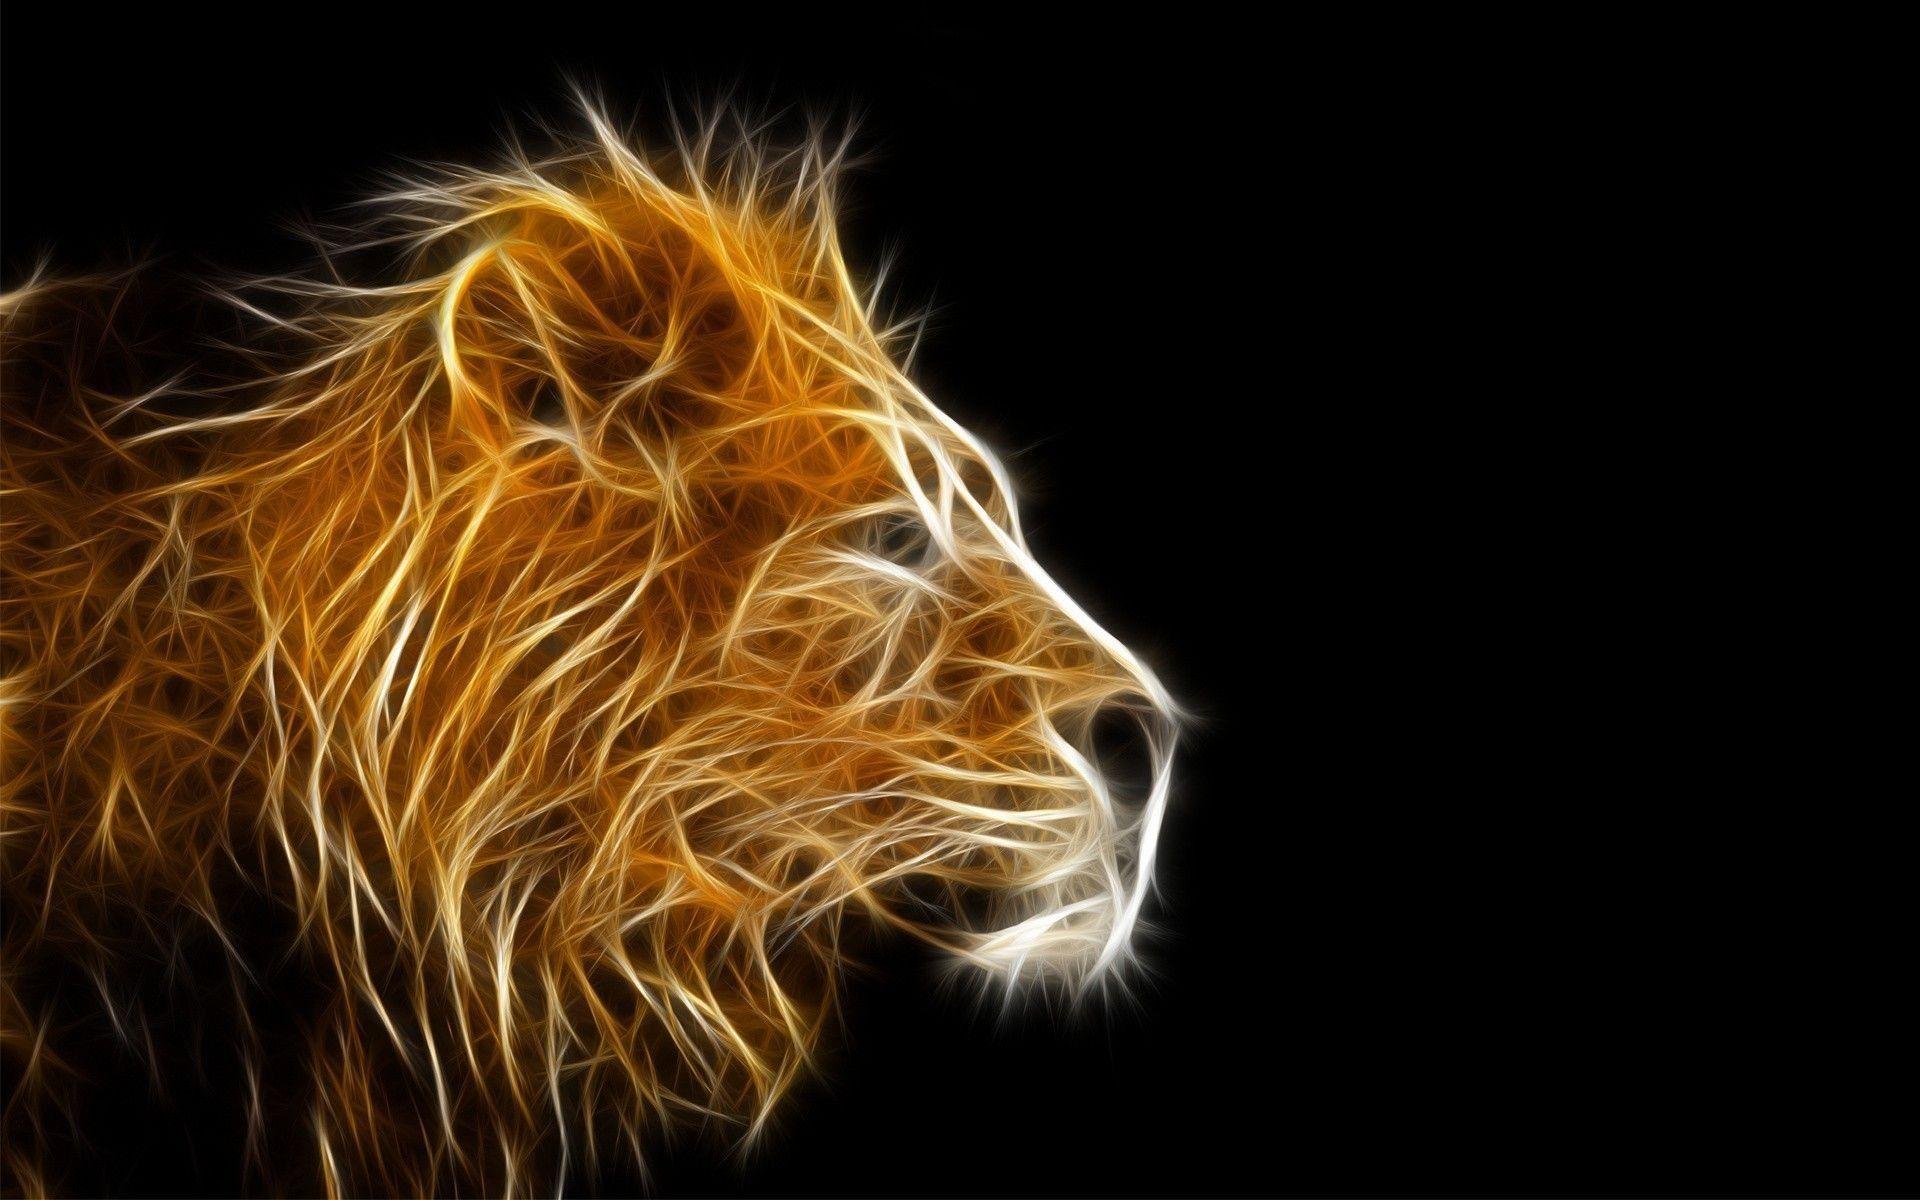 1920x1200 Desktop Wallpaper Hd Widescreen Free Download 1366x768 Archives Lion Wallpaper Lion Hd Wallpaper Animal Wallpaper